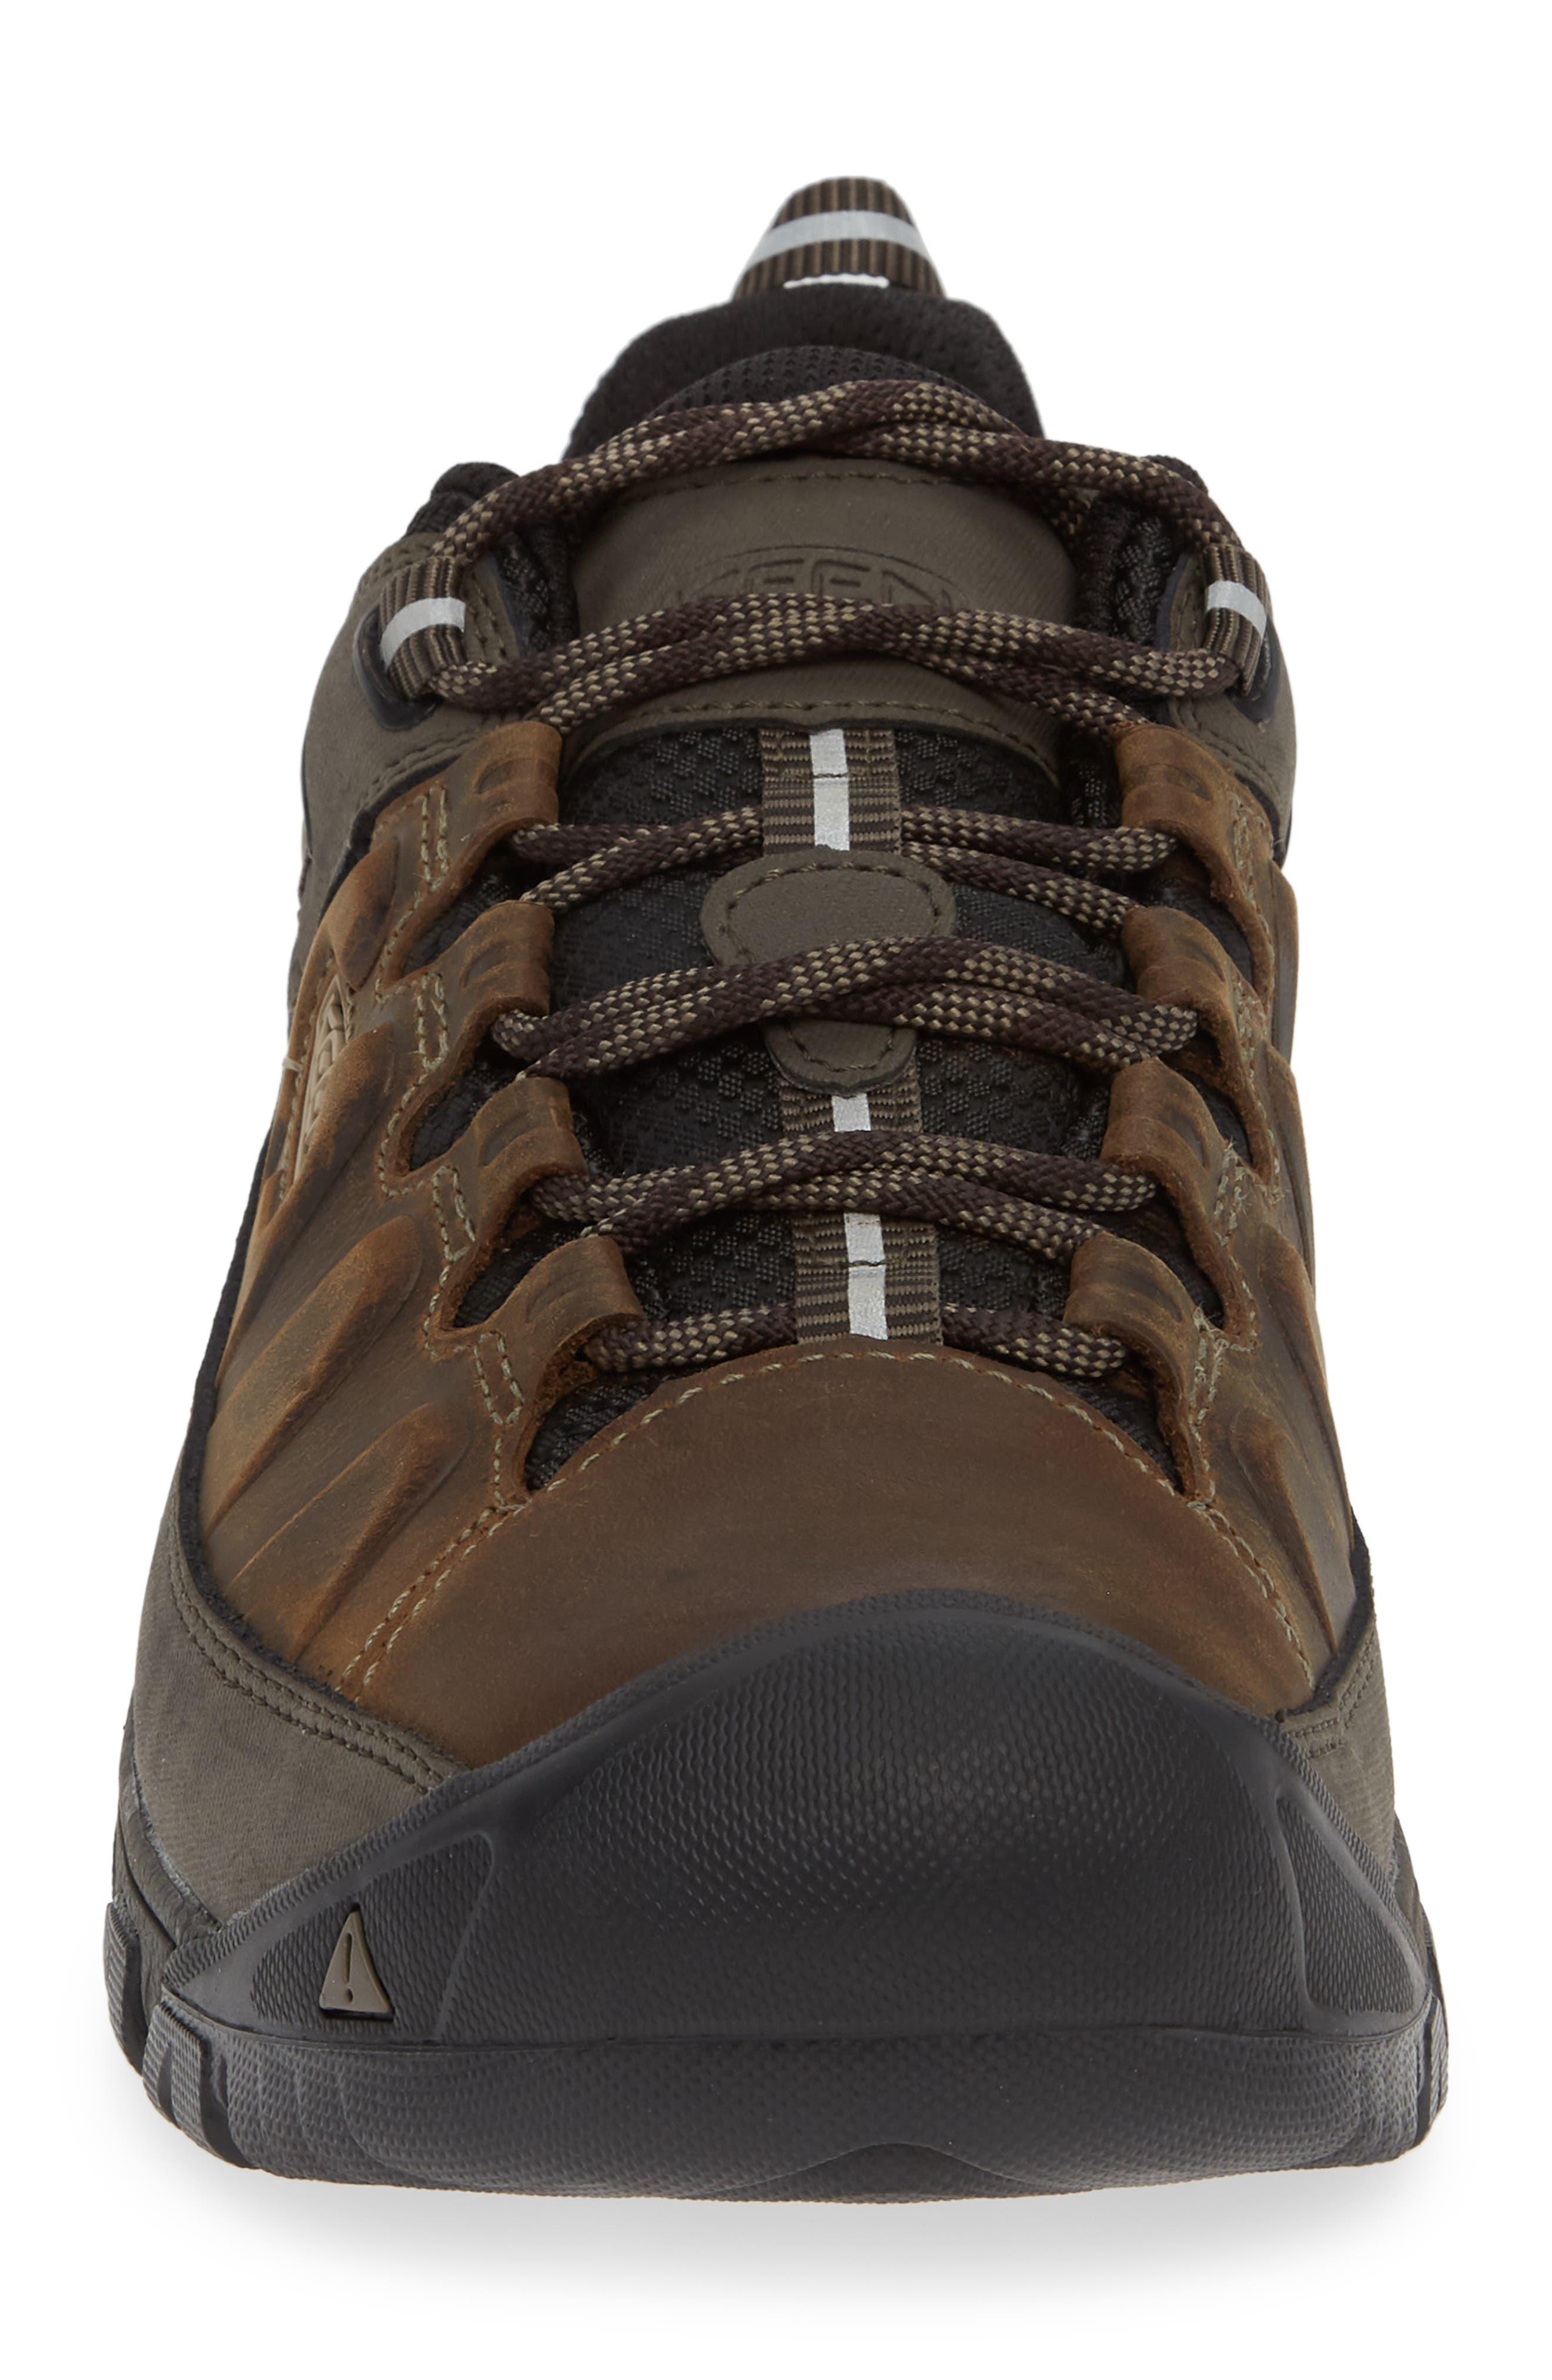 Targhee III Waterproof Wide Hiking Shoe,                             Alternate thumbnail 4, color,                             BUNGEE CORD/ BLACK